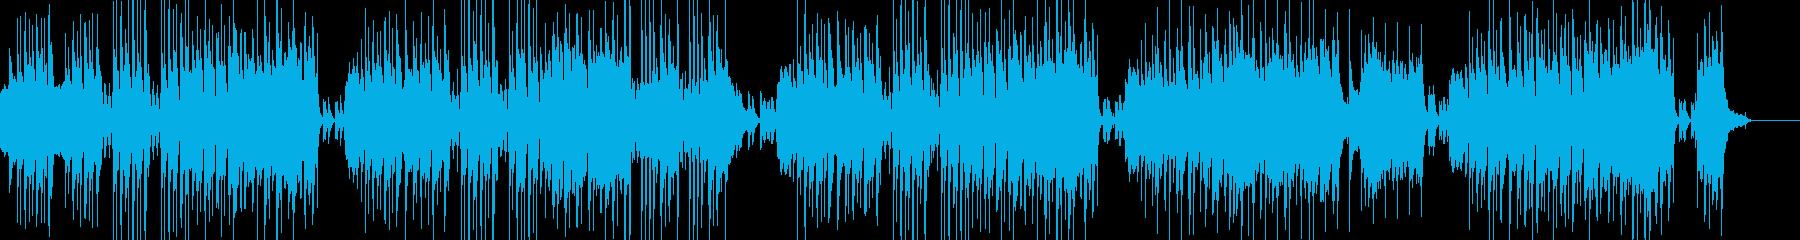 ロマンチックなバーの雰囲気に ドラム有Bの再生済みの波形